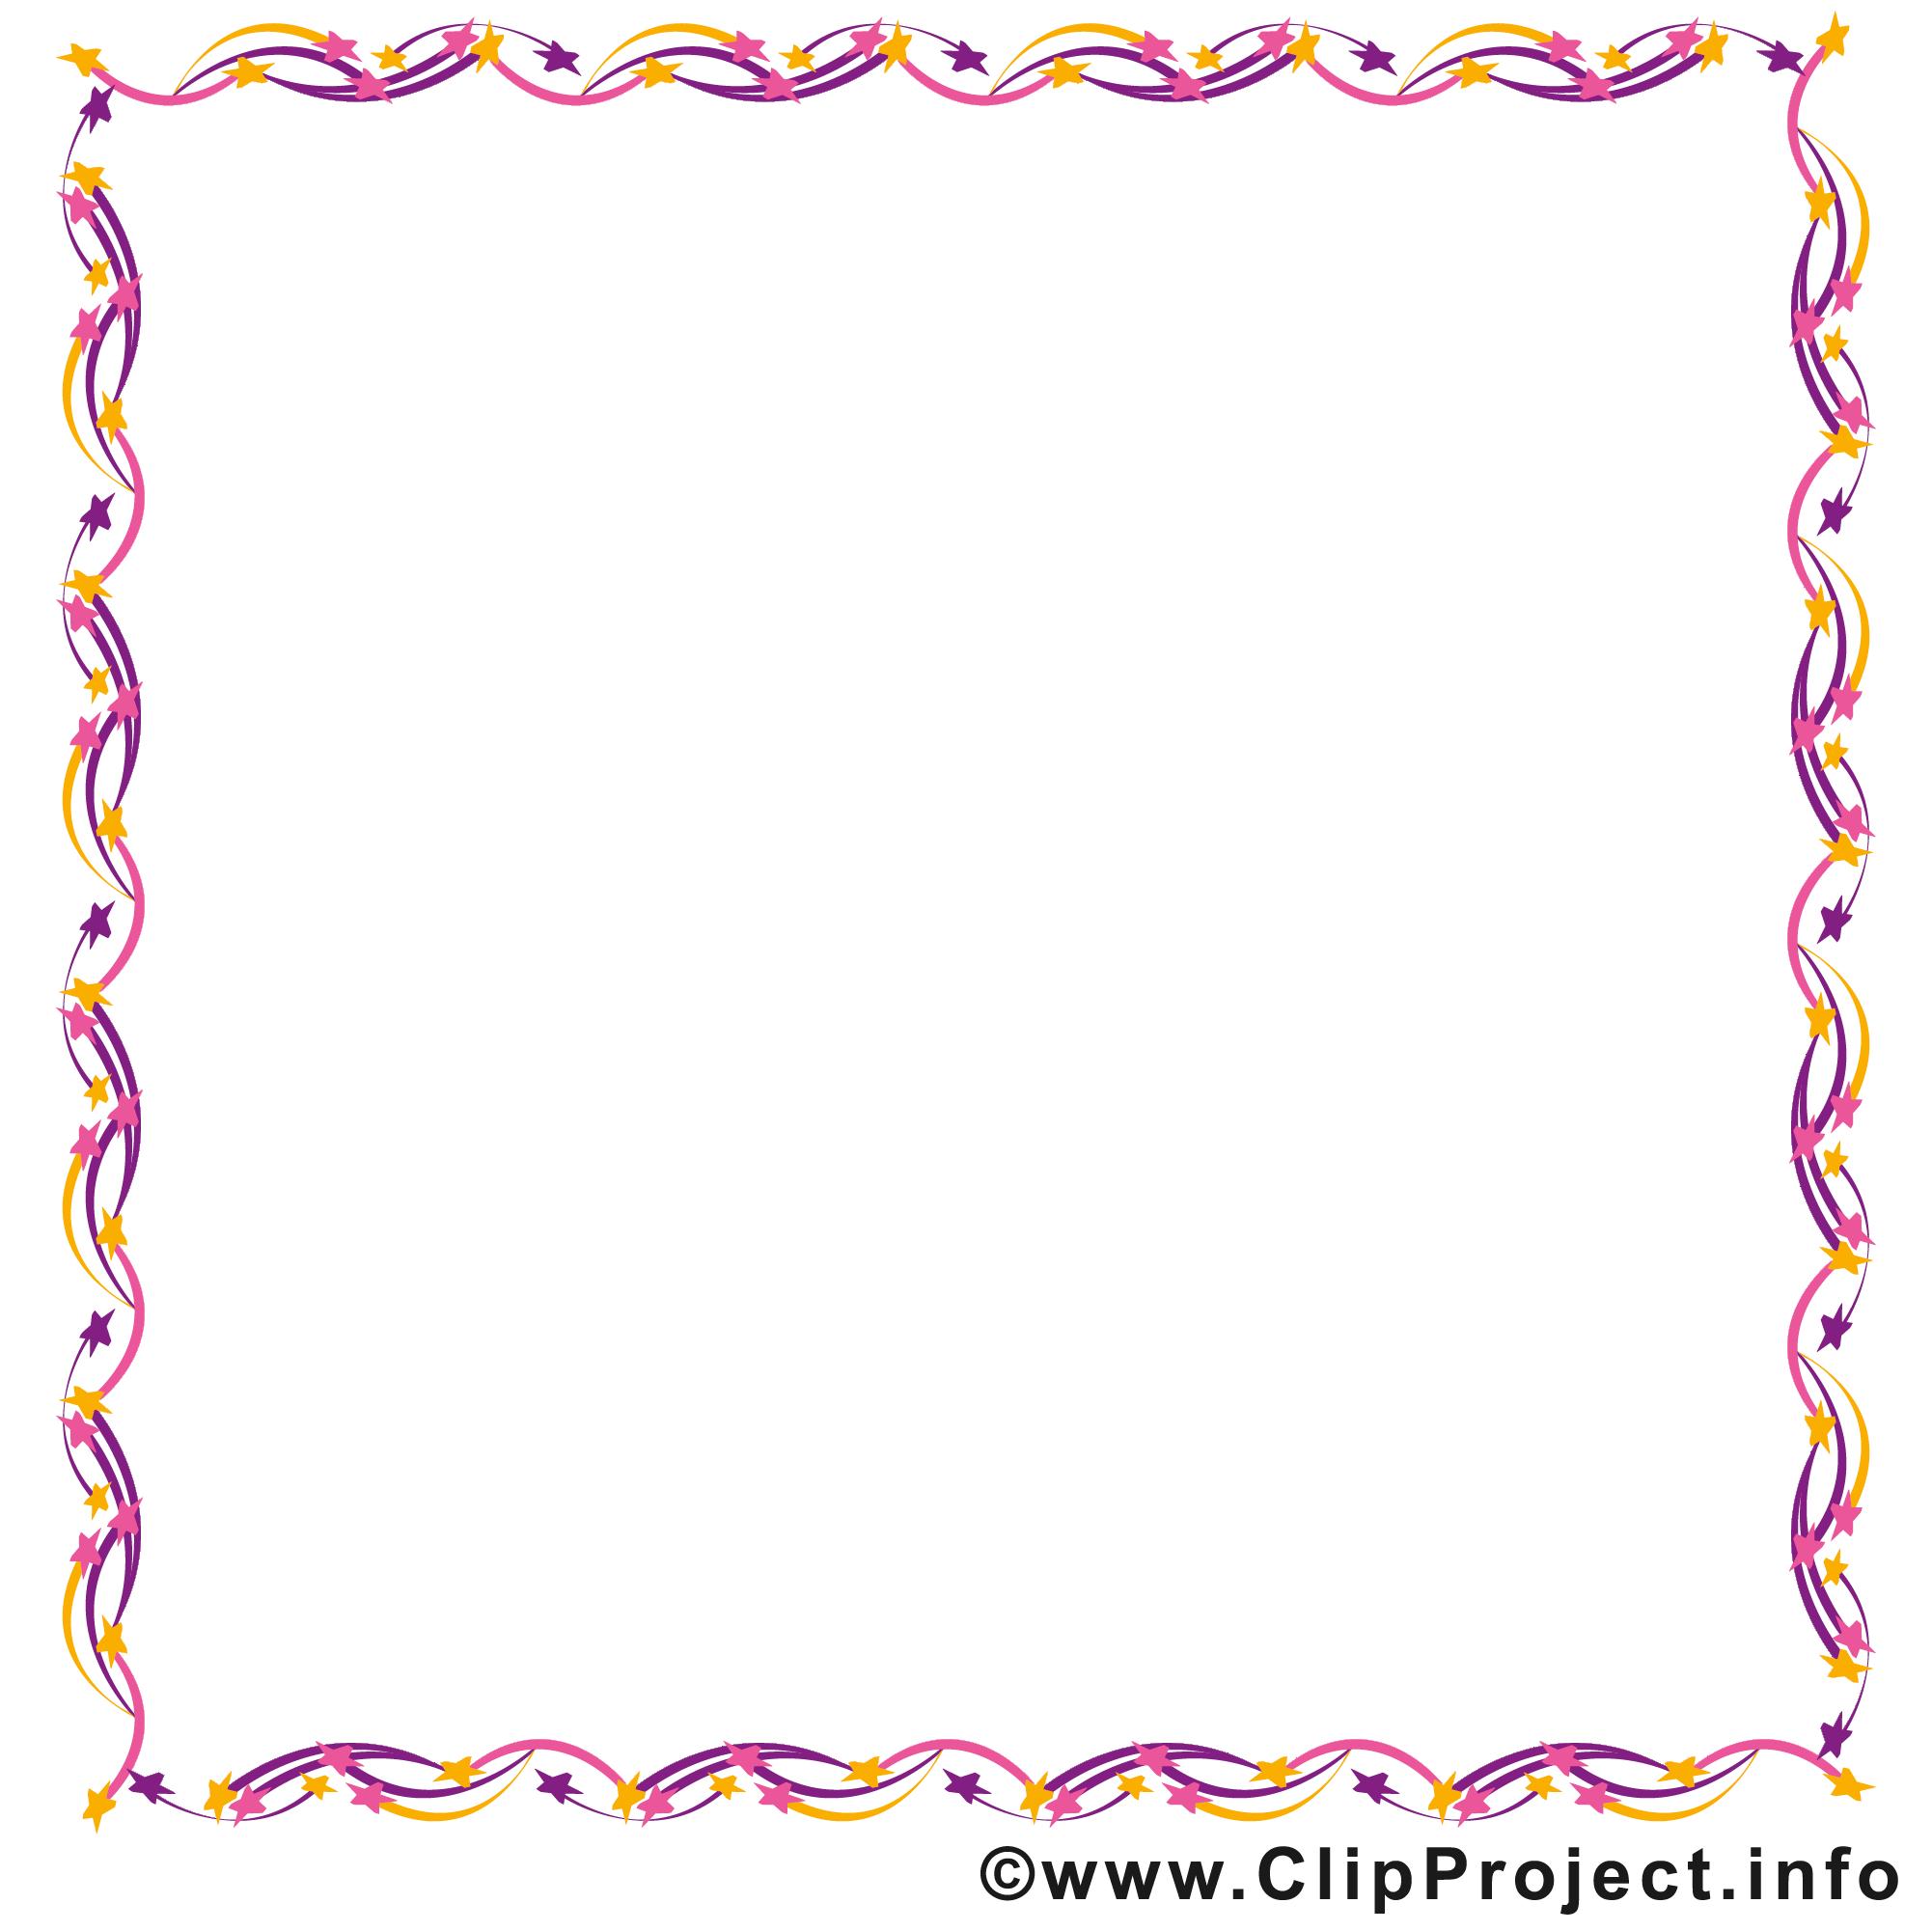 Etoiles Image A Telecharger Cadre Clipart Clipart Etoile Image Cadre Dessin